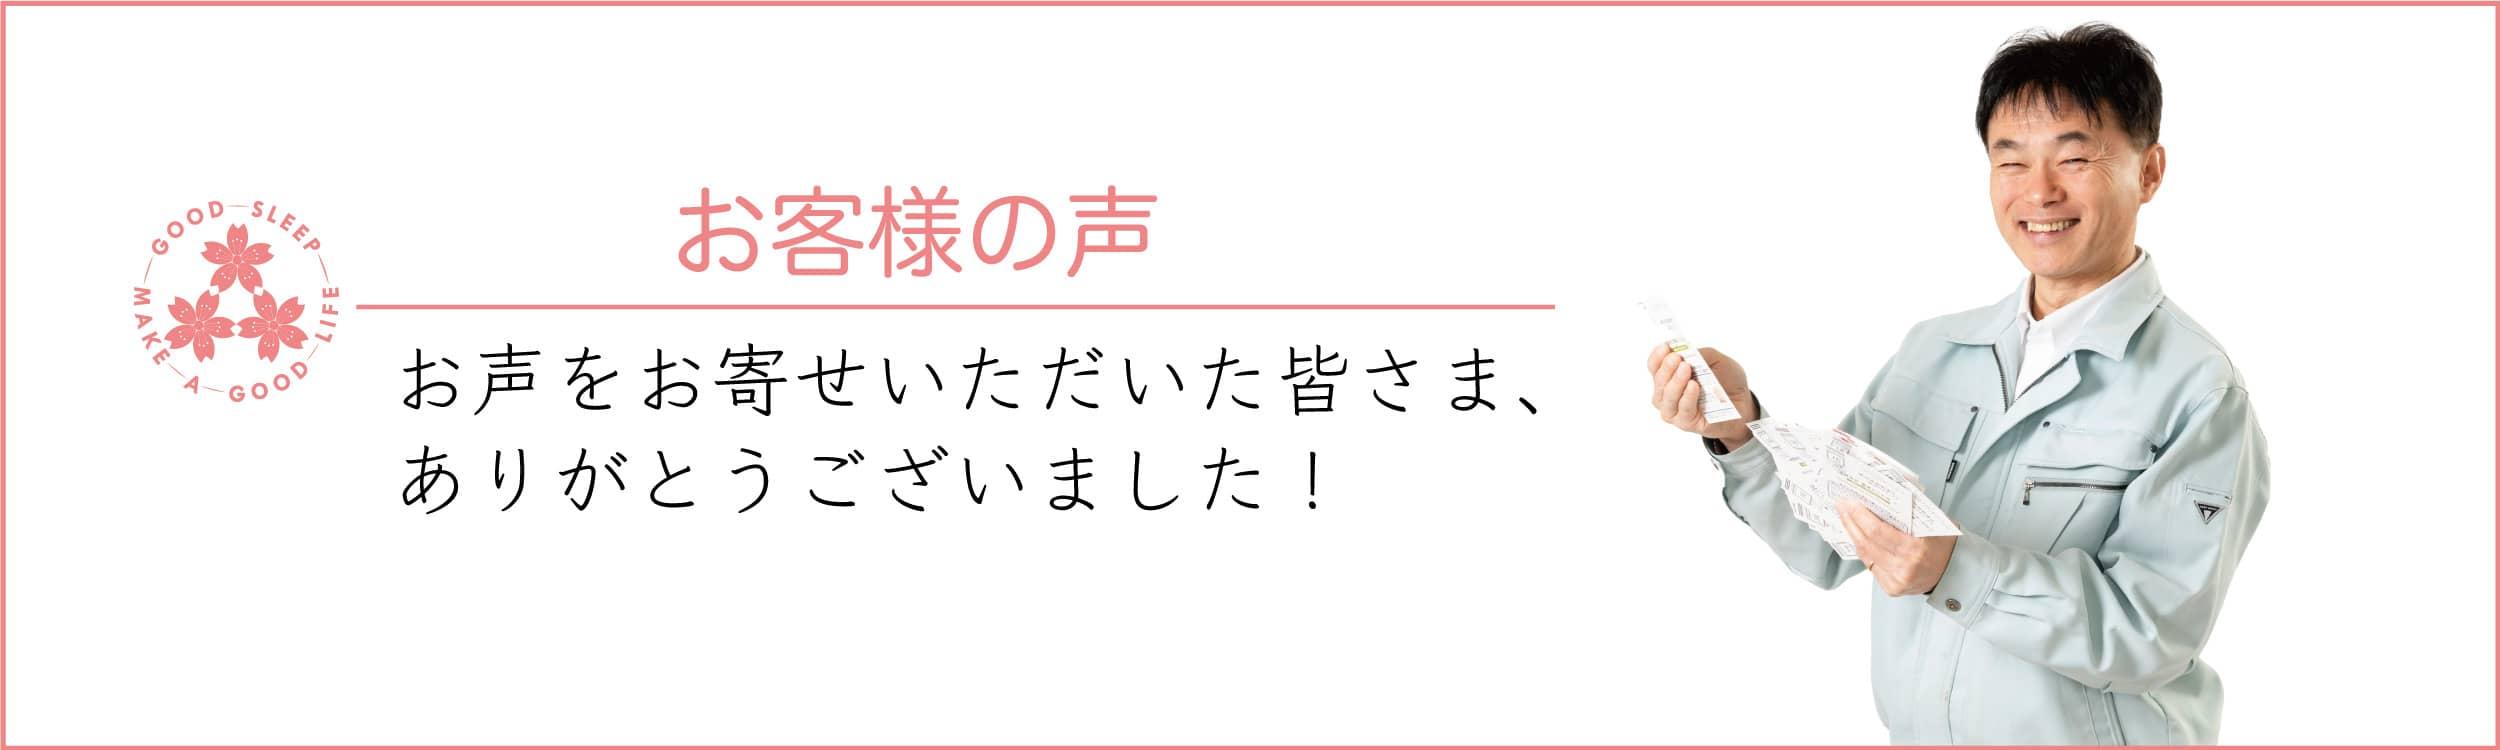 富士山の麓「御殿場」が育てた「富士山の手づくりふとん」櫻道ふとん店の製品をご購入いただいたお客様からのおはがきです。